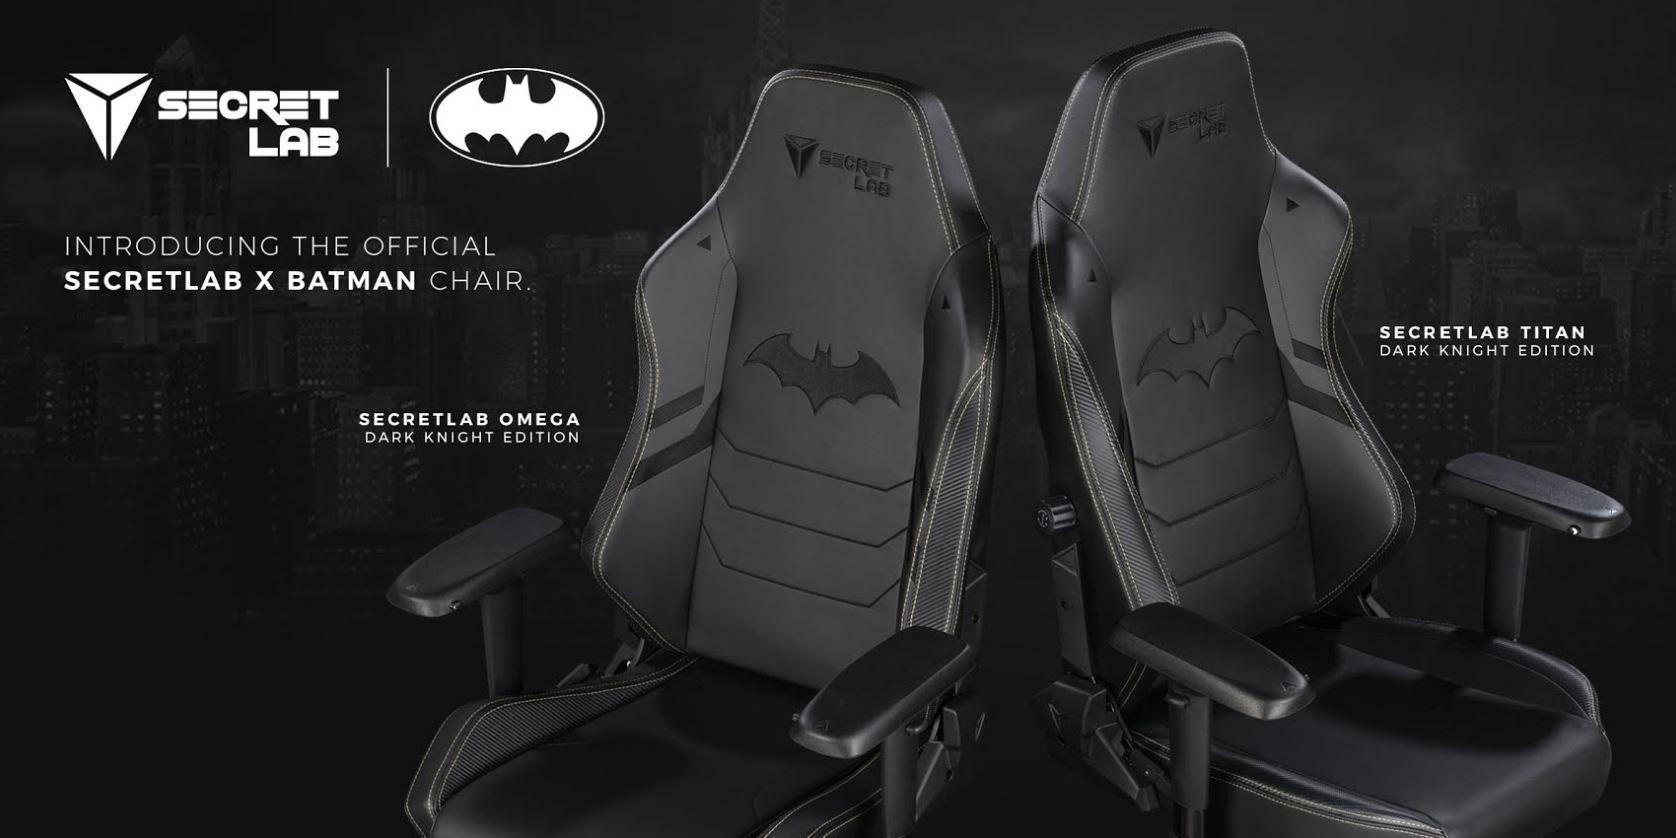 Batman De Gaming Secretlab Con Dark Temática KnightSillas 3jA54qRL